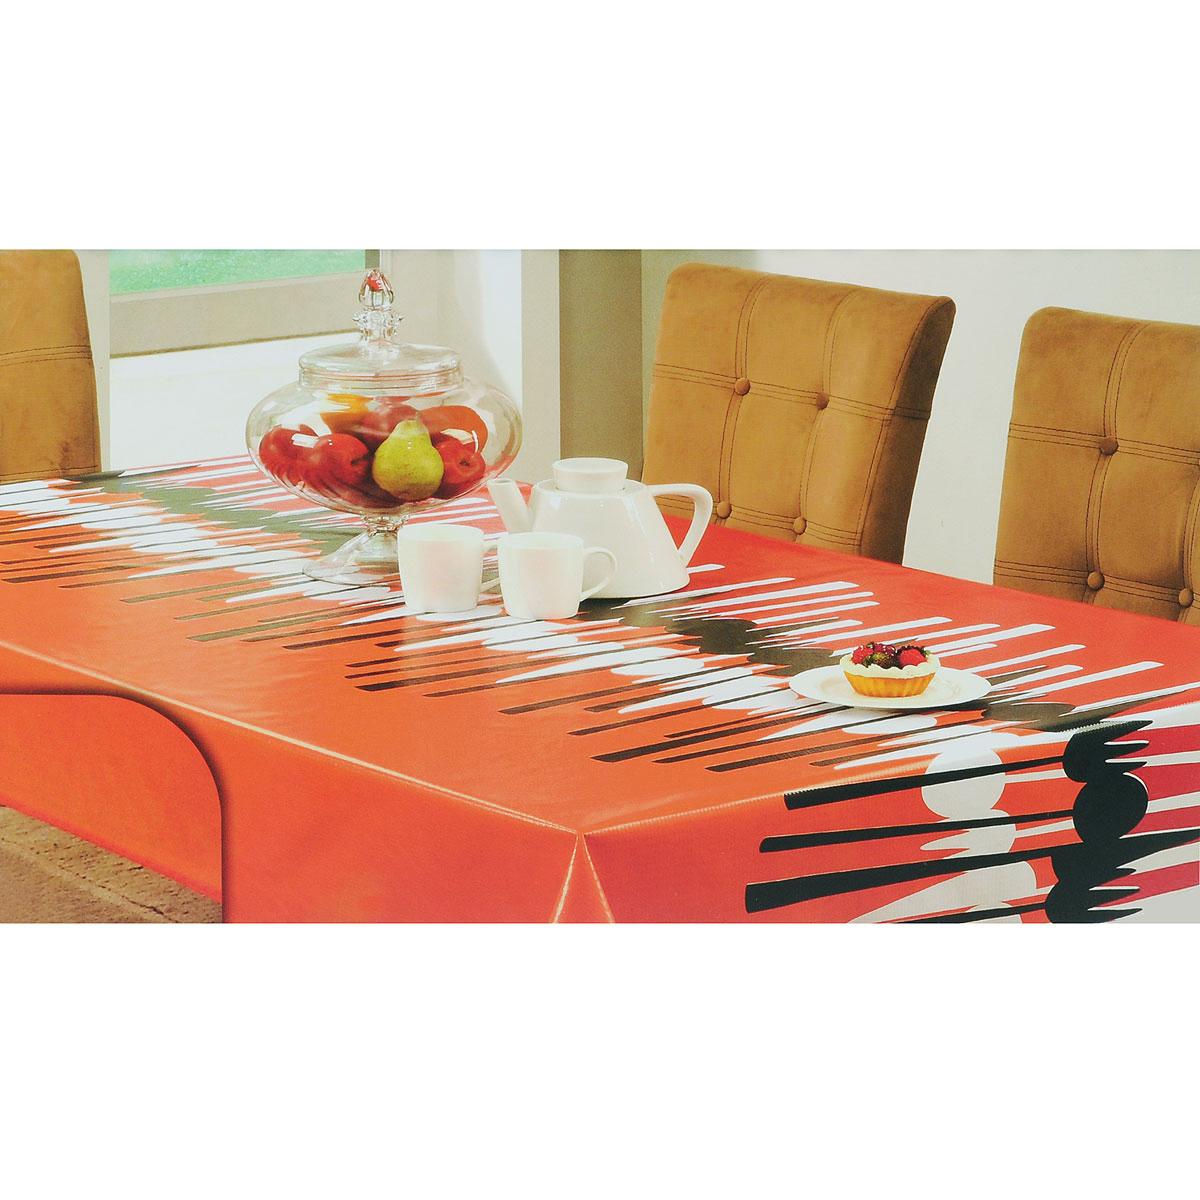 Скатерть White Fox Осень, квадратная, цвет: красный, оранжевый, 152x 152 смWКTC72-257Квадратная скатерть White Fox Осень, выполненная из ПВХ с основой из флиса, предназначена для защиты стола от царапин, пятен и крошек. Край скатерти обработан тканью. Скатерть оформлена изображением столовых приборов, а рифлёная поверхность скатерти формирует приятные тактильные ощущения, при этом частички пищи удаляются с легкостью и поверхность остается всегда чистой. Скатерть термостойкая, выдерживает температуру до +70 °C.Скатерть White Fox проста в уходе - её можно протирать любыми моющими средствами при необходимости.Скатерть упакована в виниловый пакет с внутренним цветным вкладышем и подвесом в виде крючка.